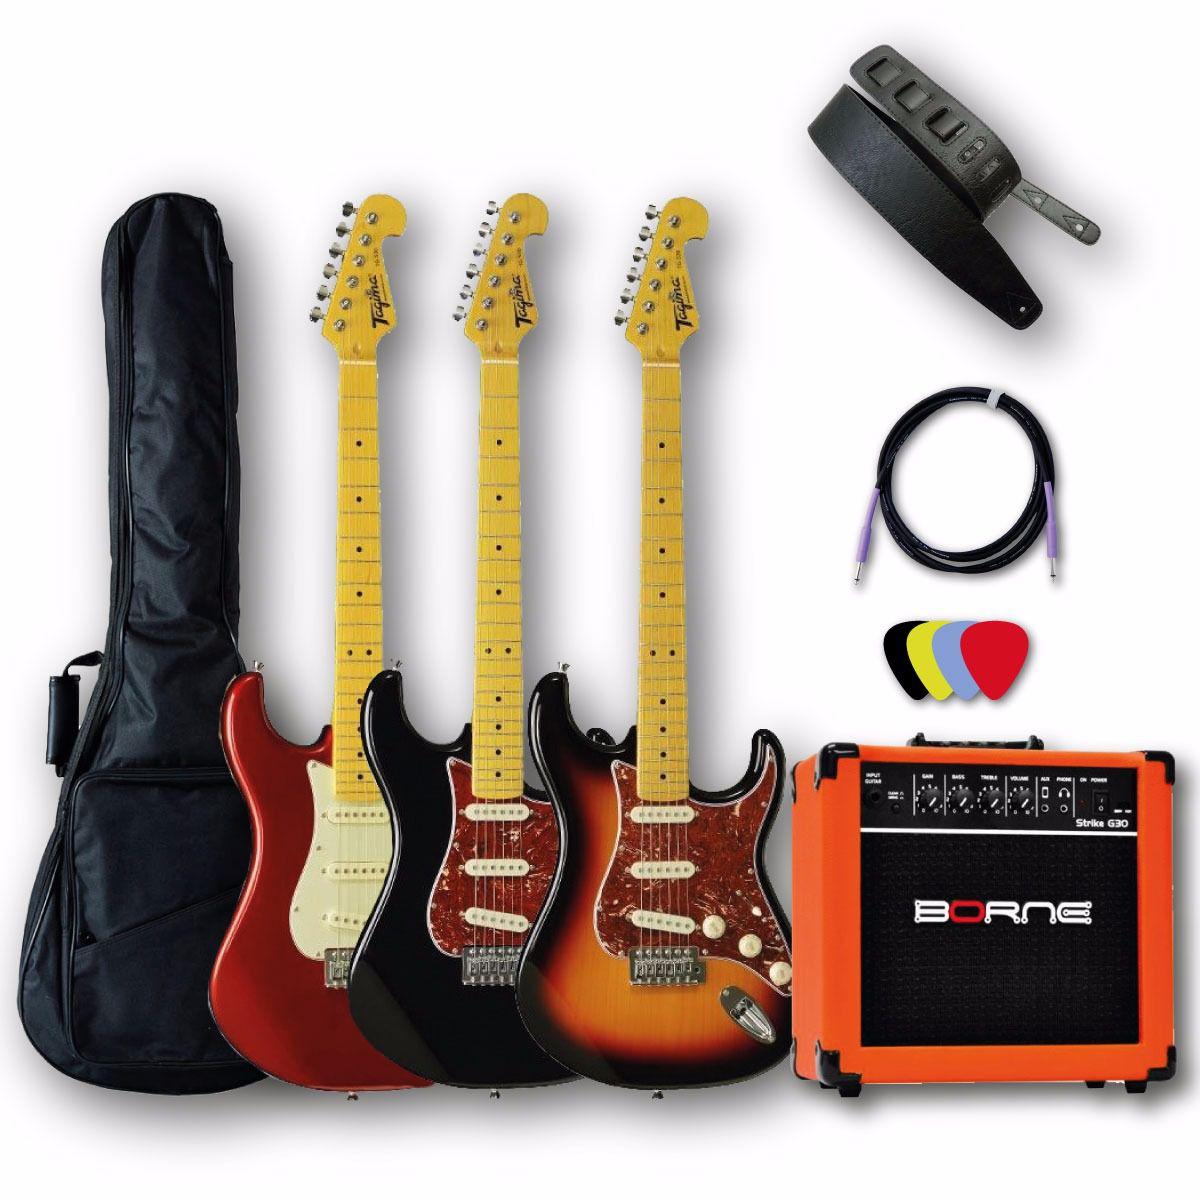 Kit Guitarra+Amplificador+Capa+Correia+Palhetas.